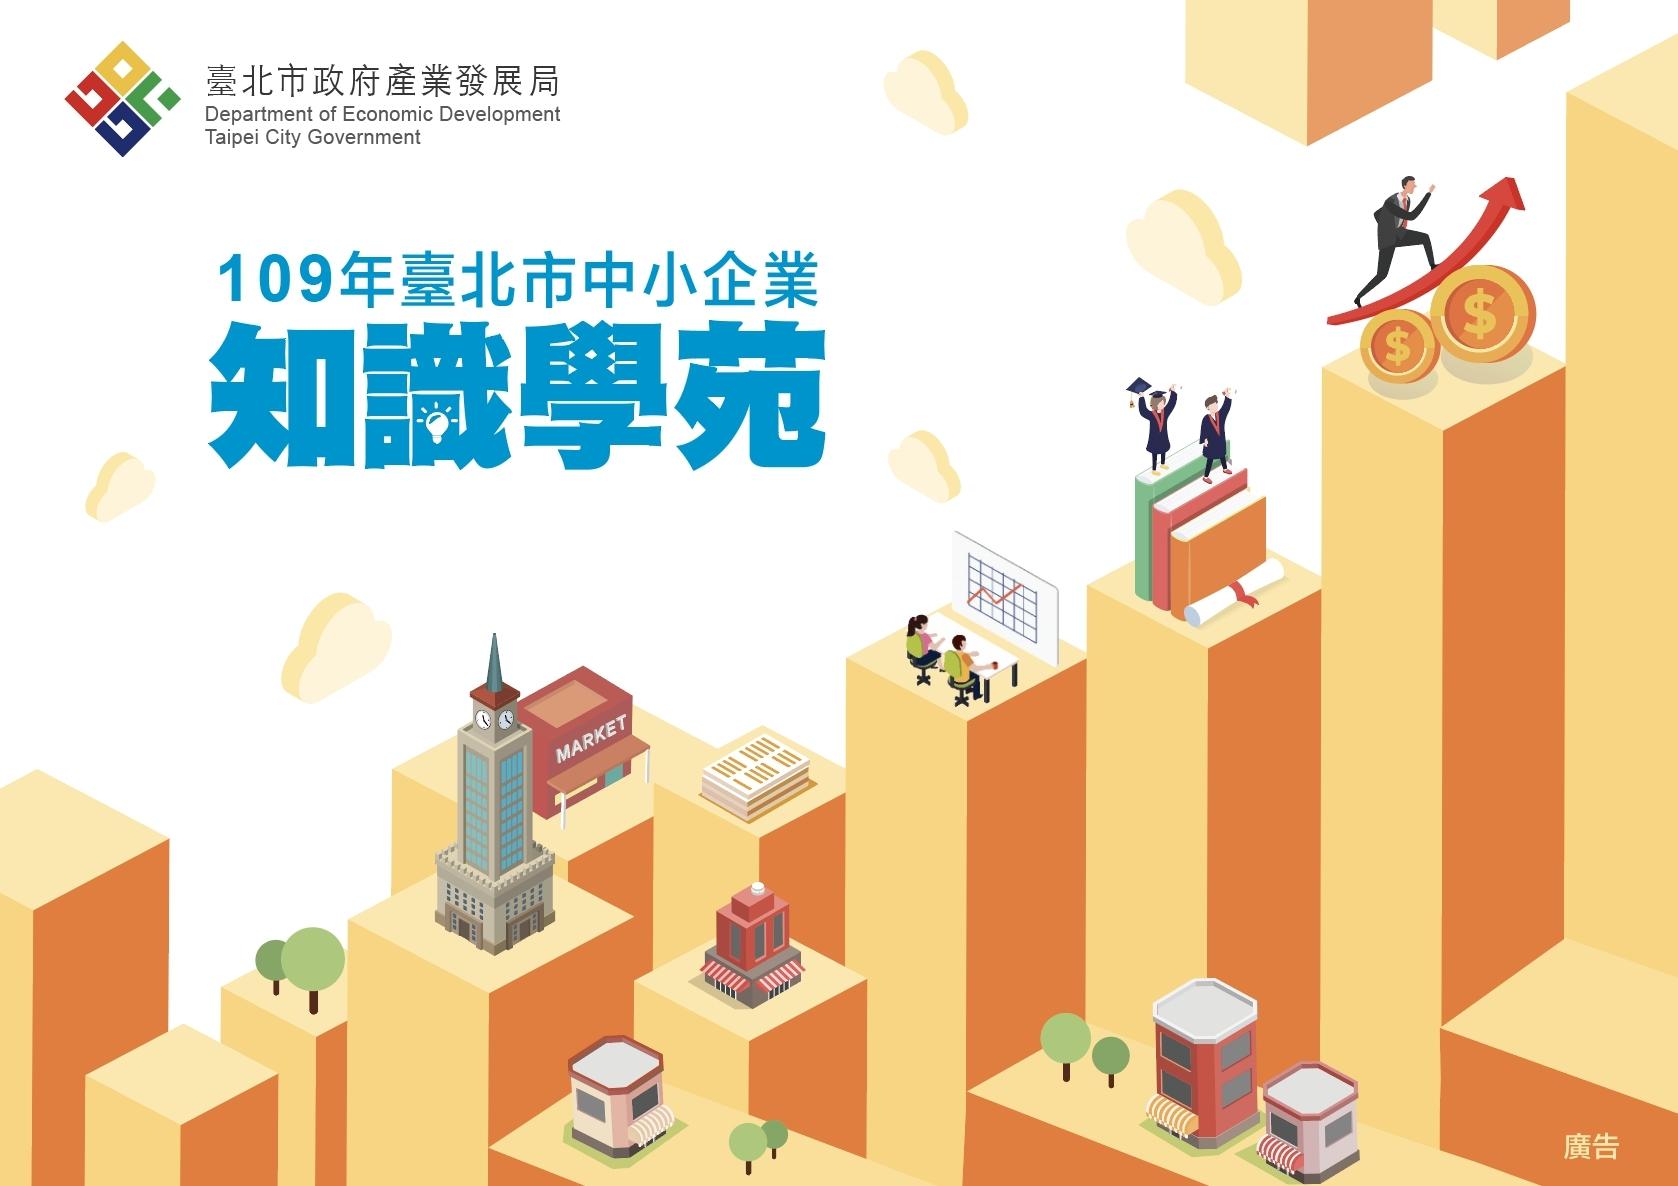 【已結束】臺北市知識學苑老闆學校講座- IP創新應用案例分享 7/8(三)圖片